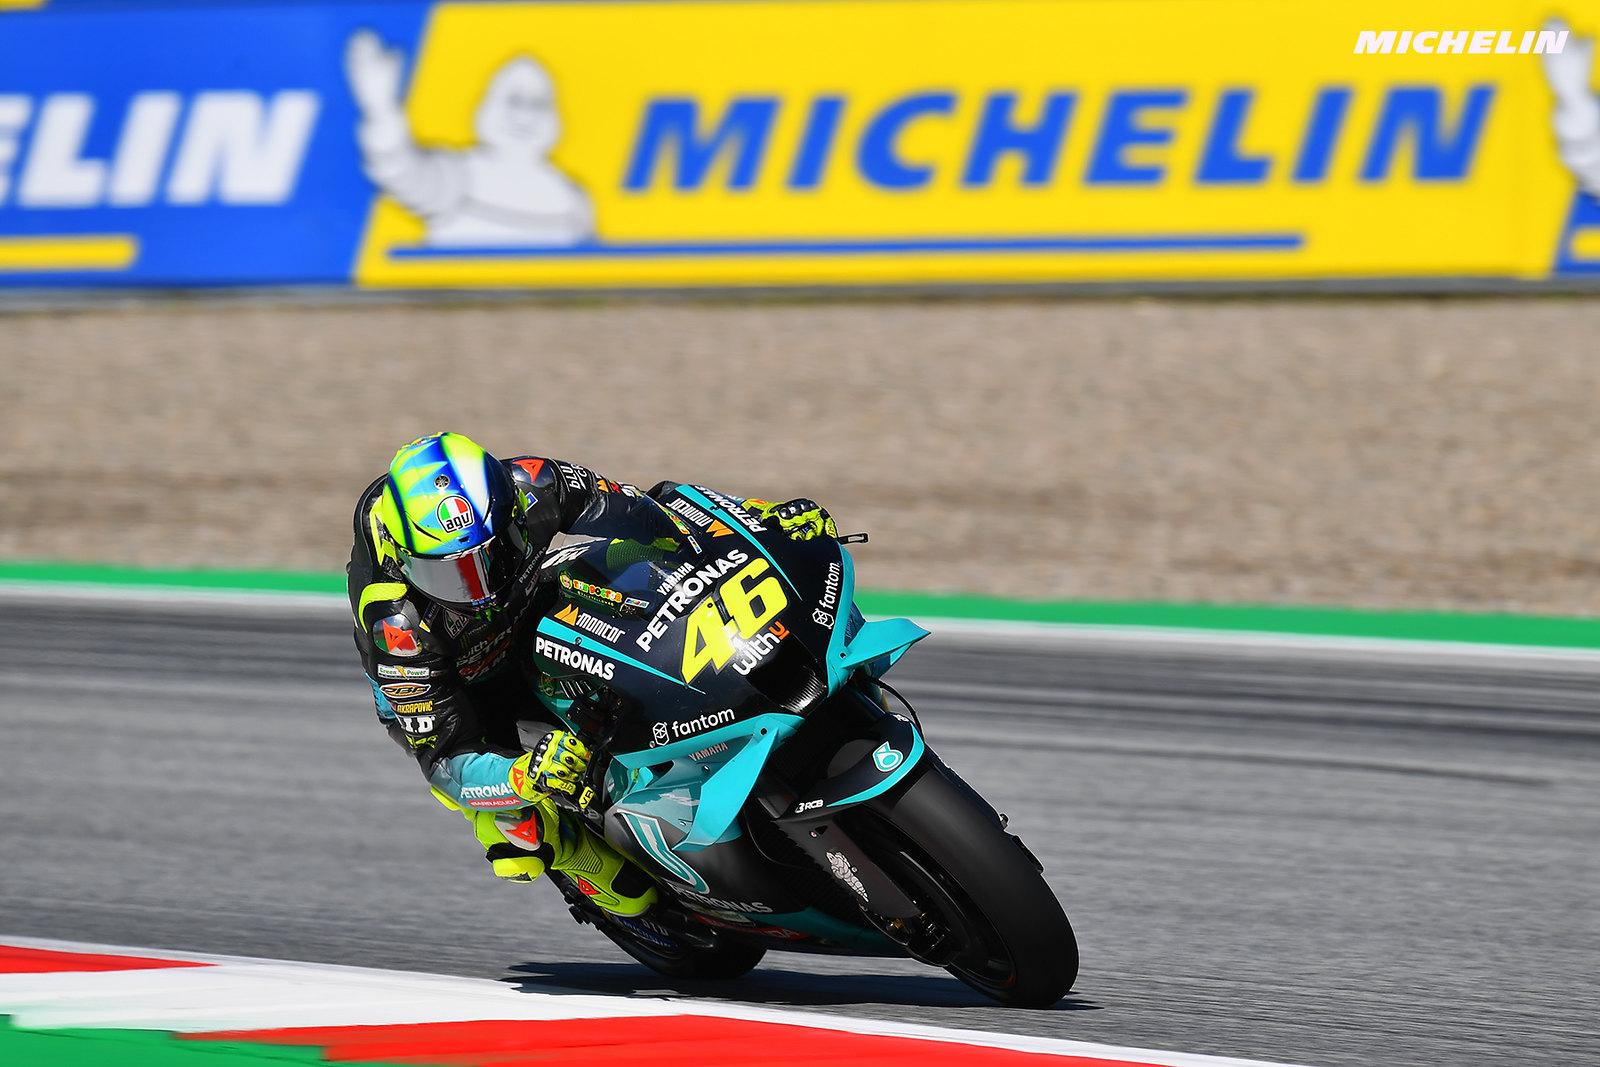 MotoGP2021スティリアGP 初日総合16位 バレンティーノ・ロッシ「多くの人からメッセージをもらった」